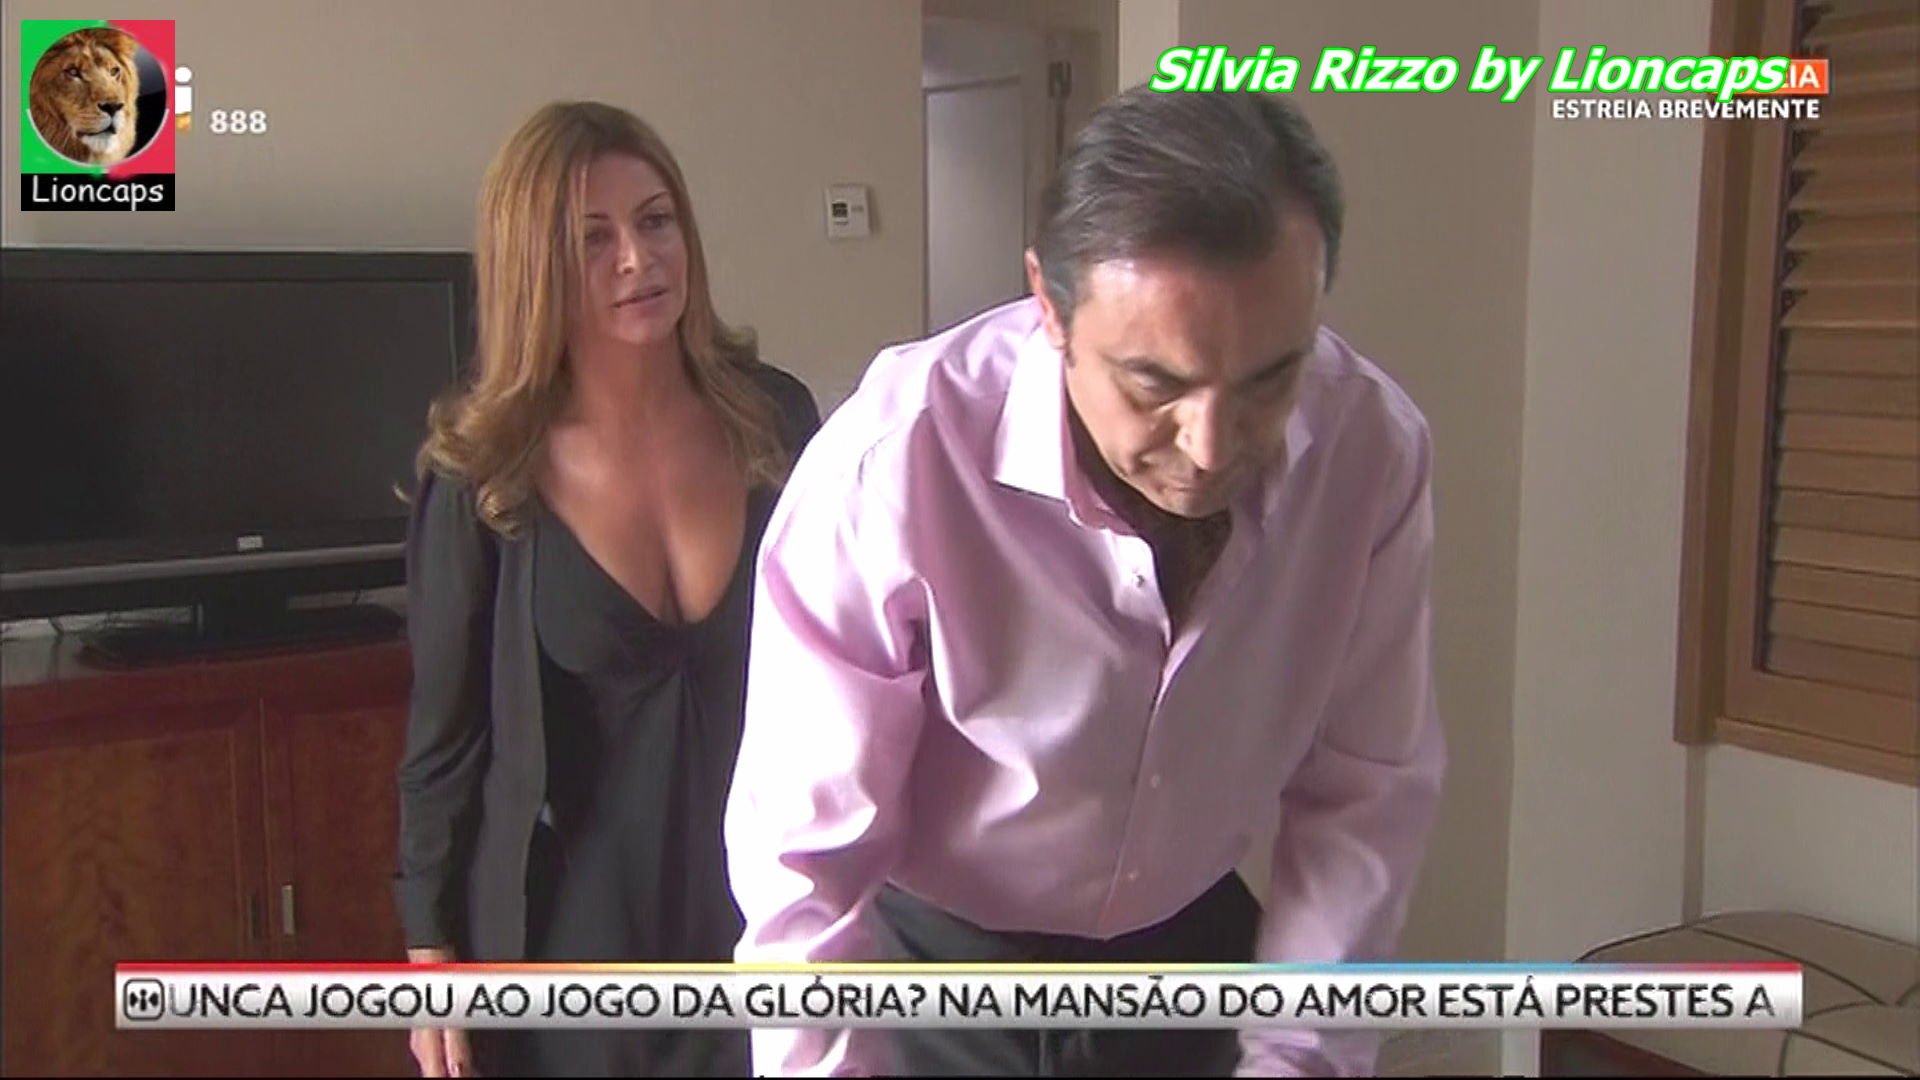 947494752_silvia_rizzo_remedio_vs181111_1188_122_204lo.JPG